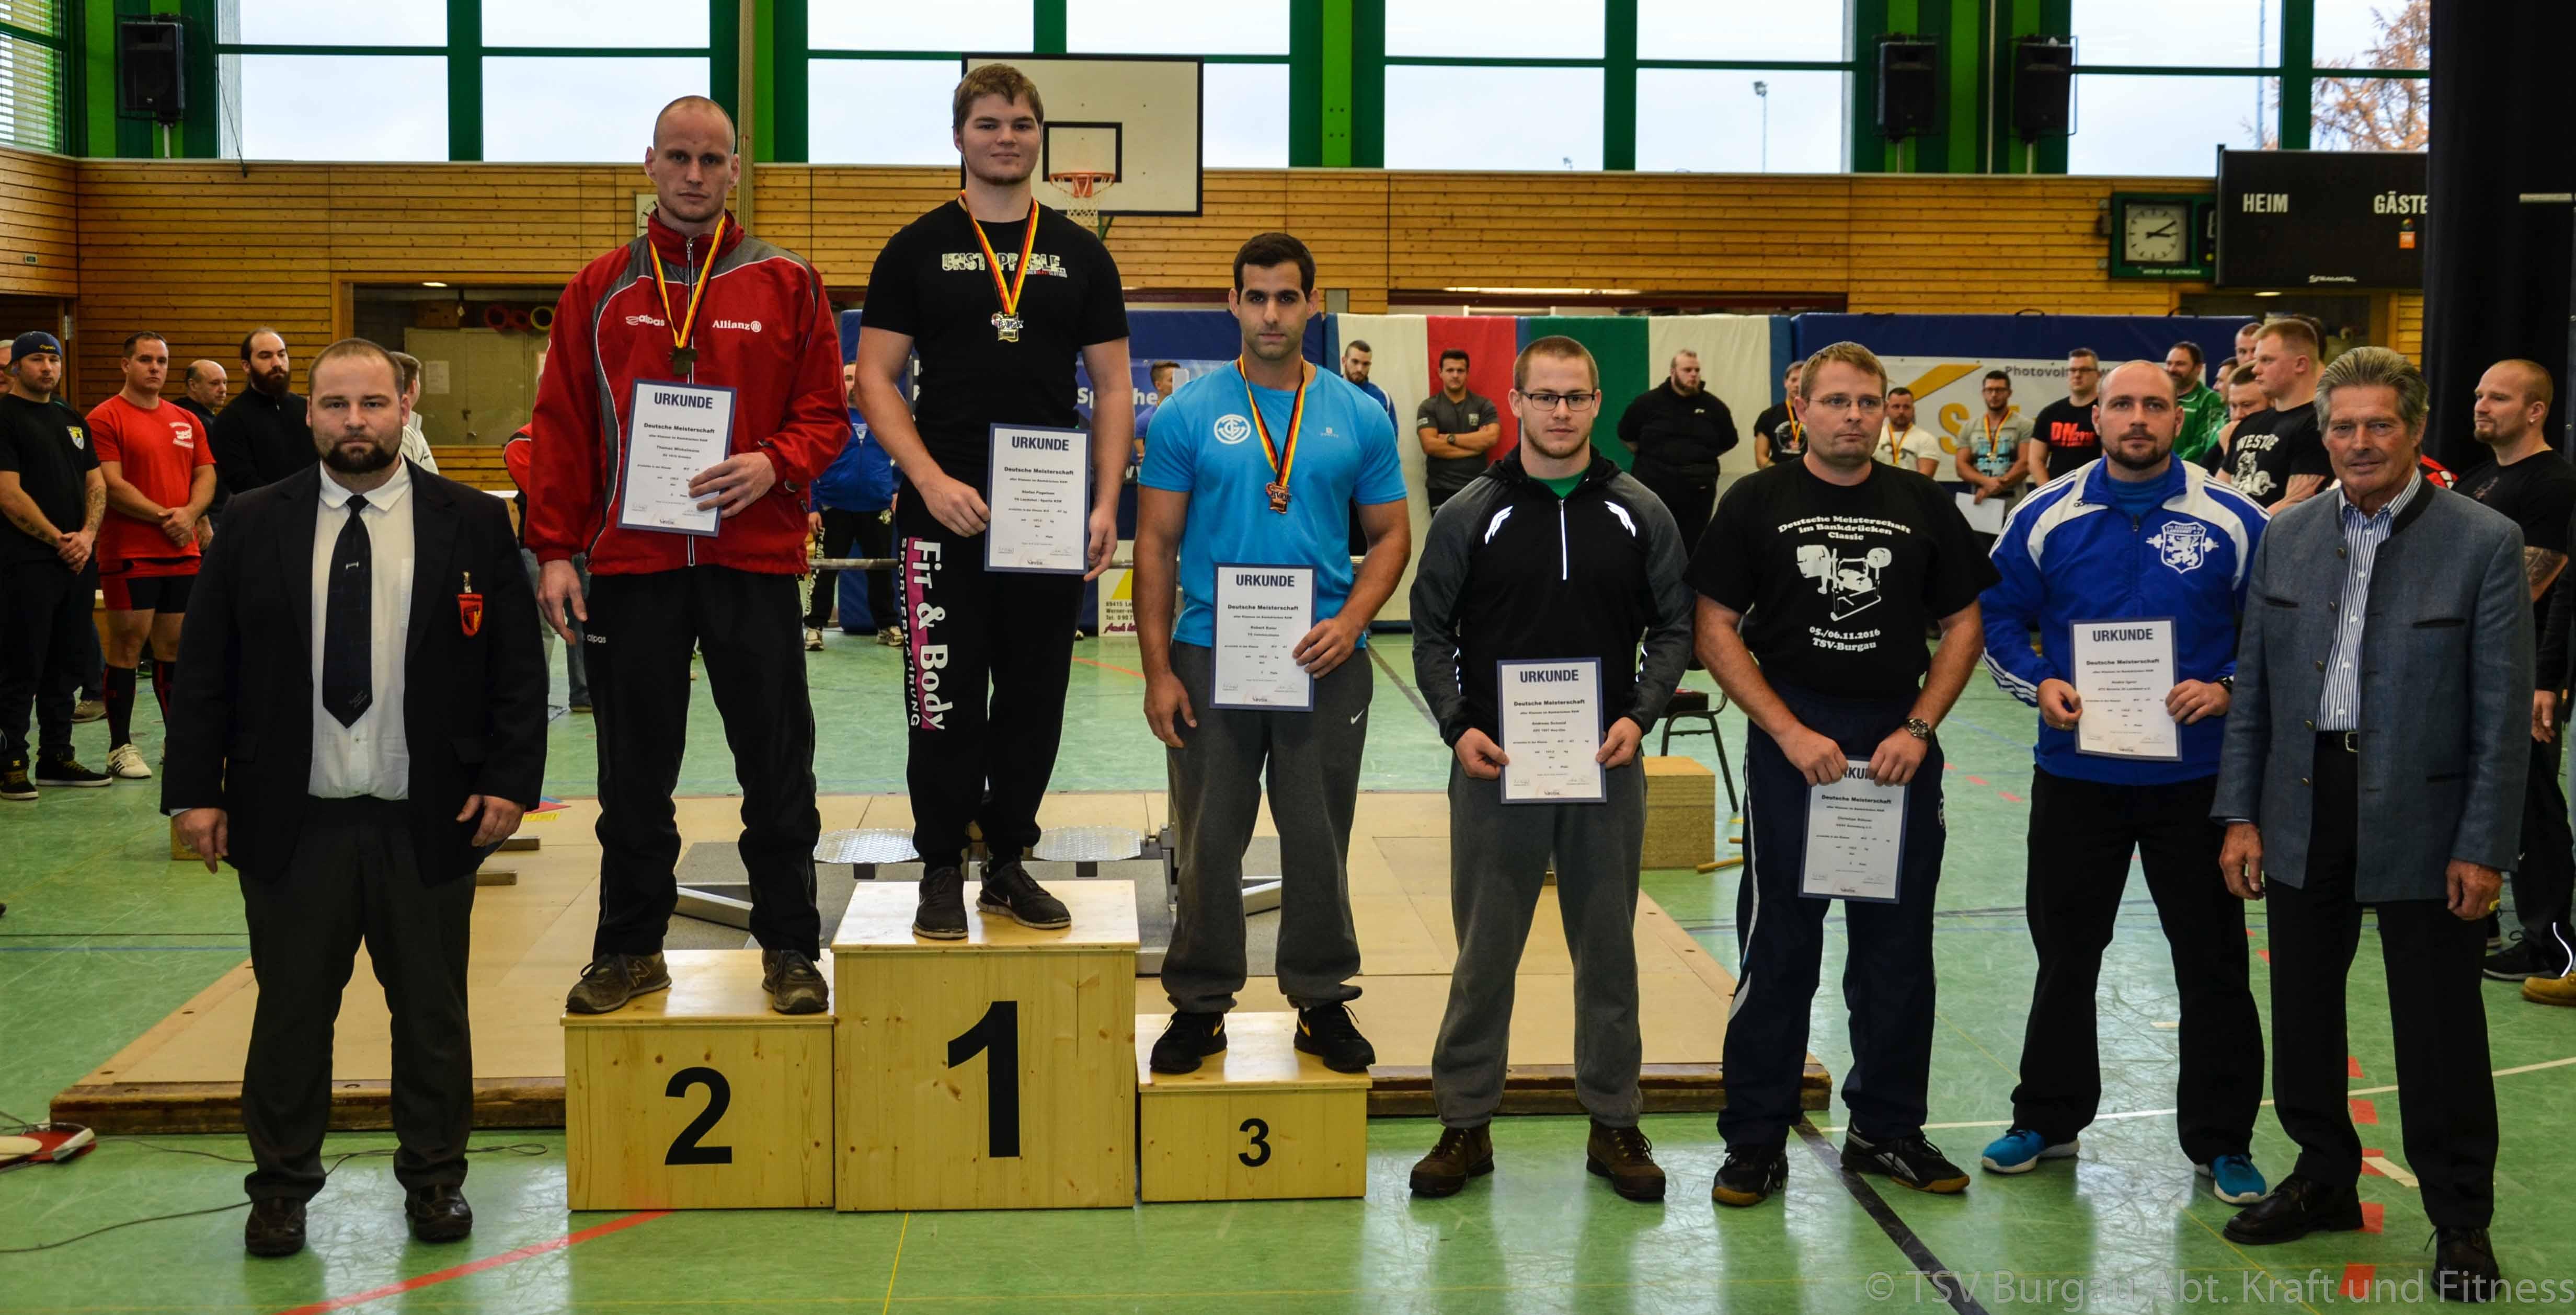 Deutsche Meisterschaft (179 von 187)